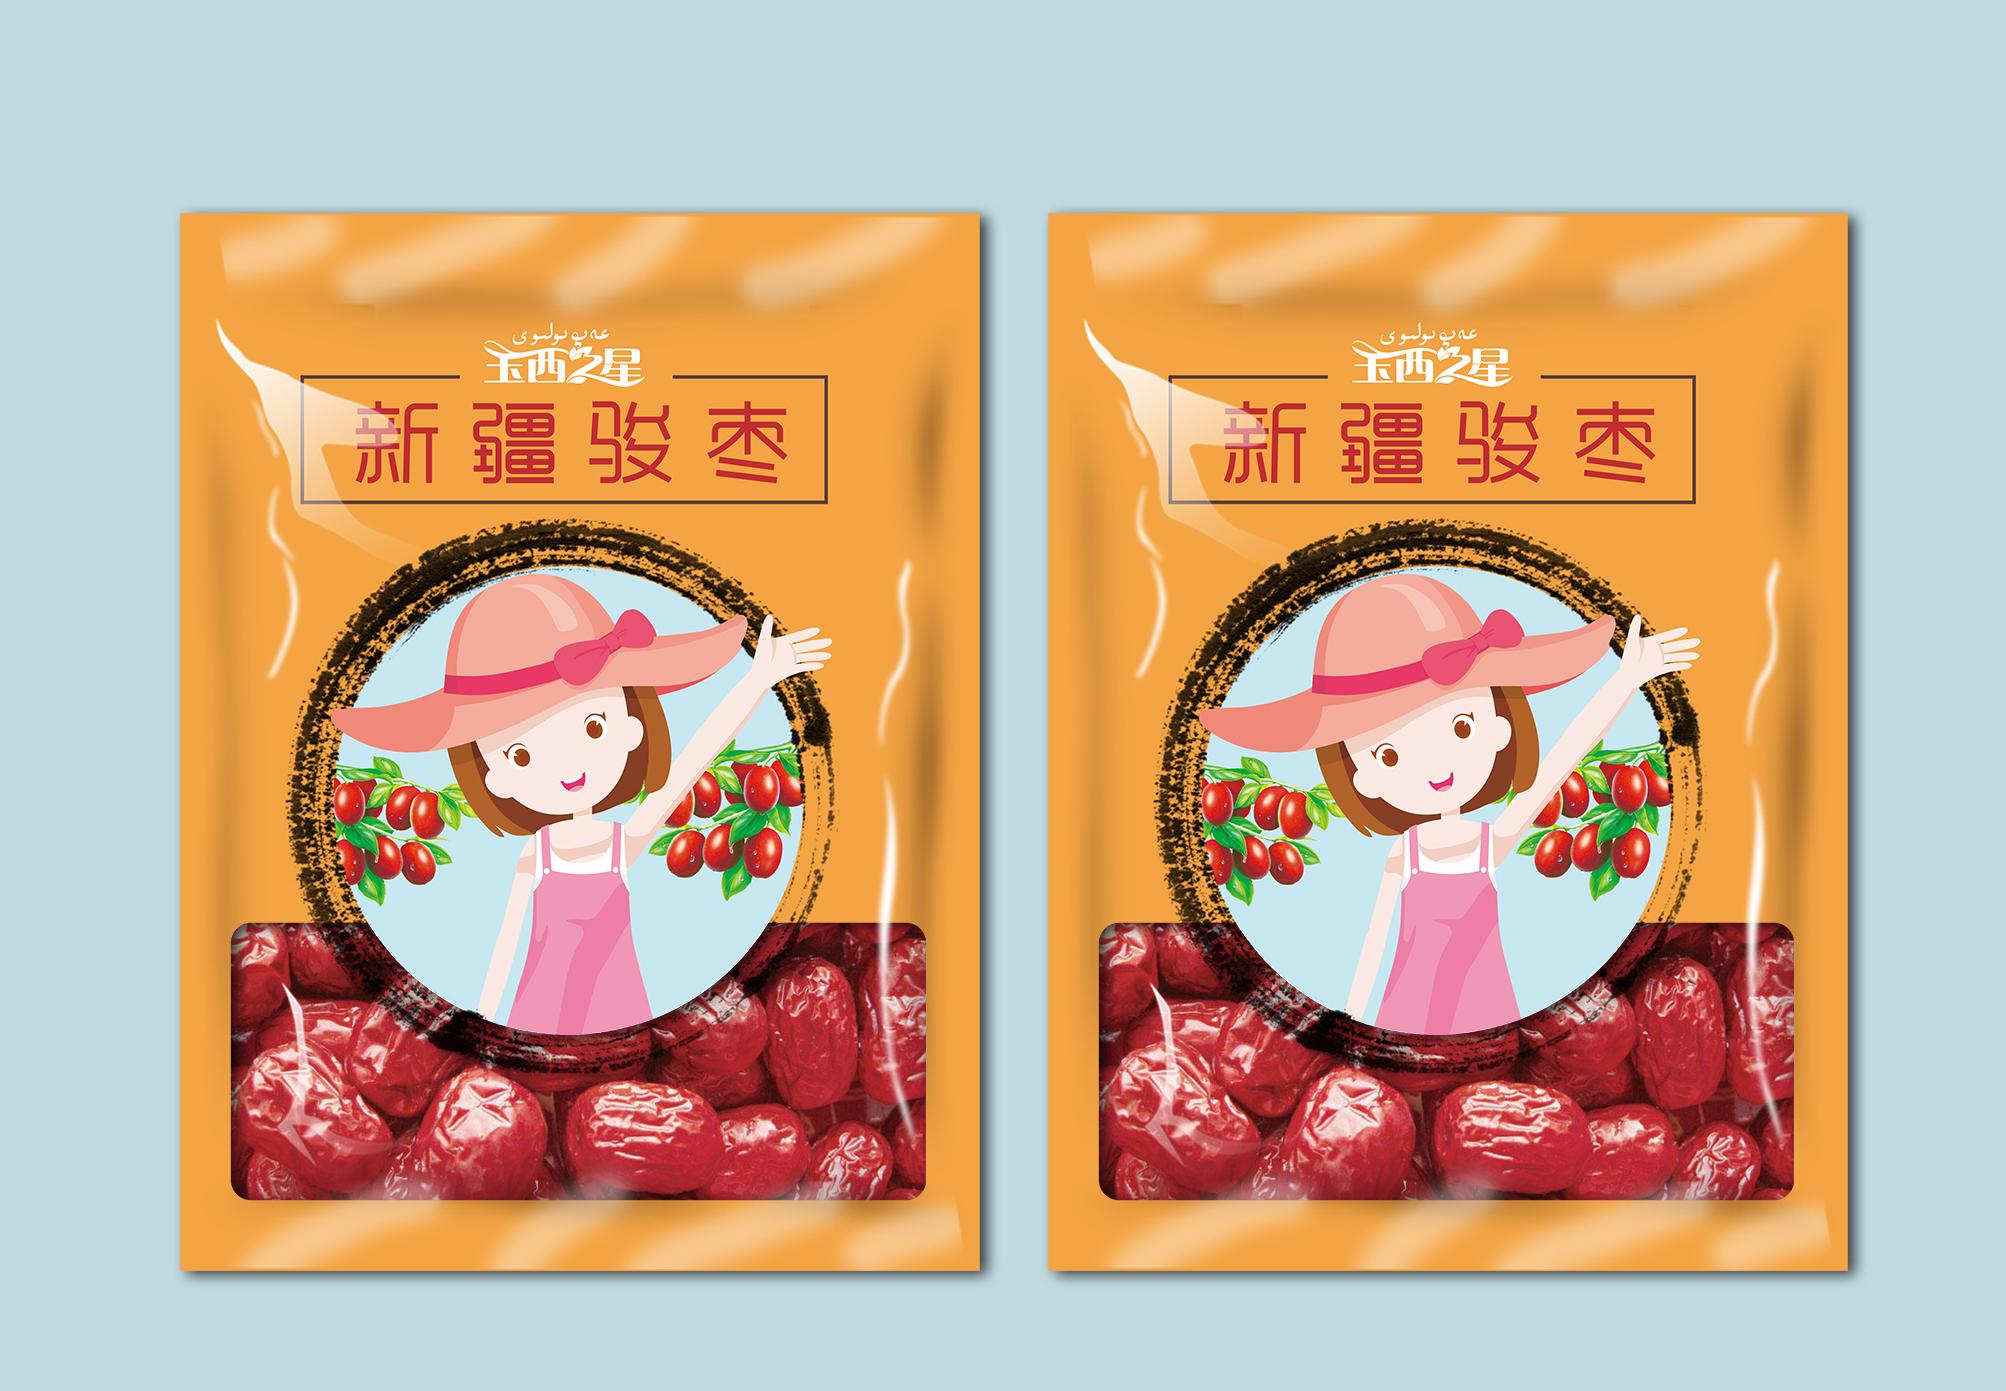 食品饮料包装设计包装盒包装袋设计手提袋礼盒包装设计瓶贴包装箱